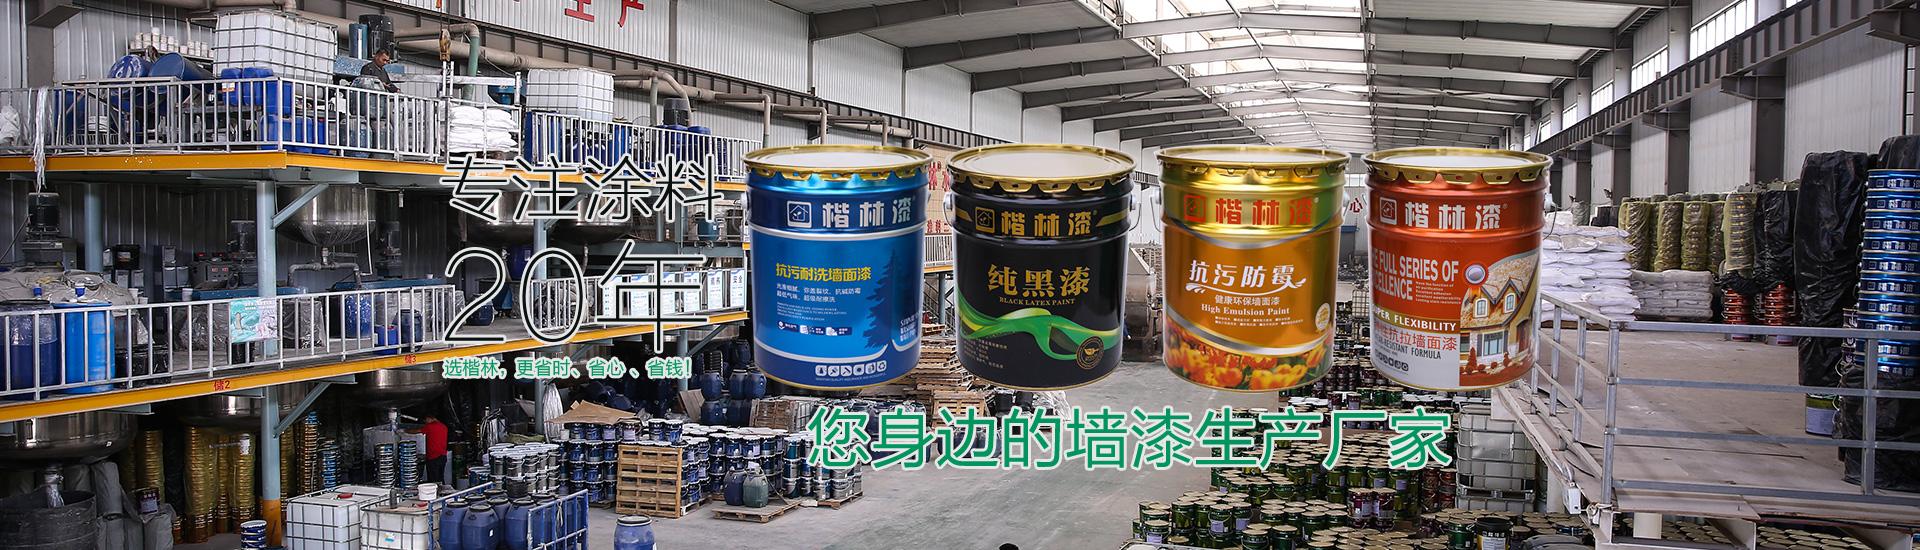 郑州真石漆厂家